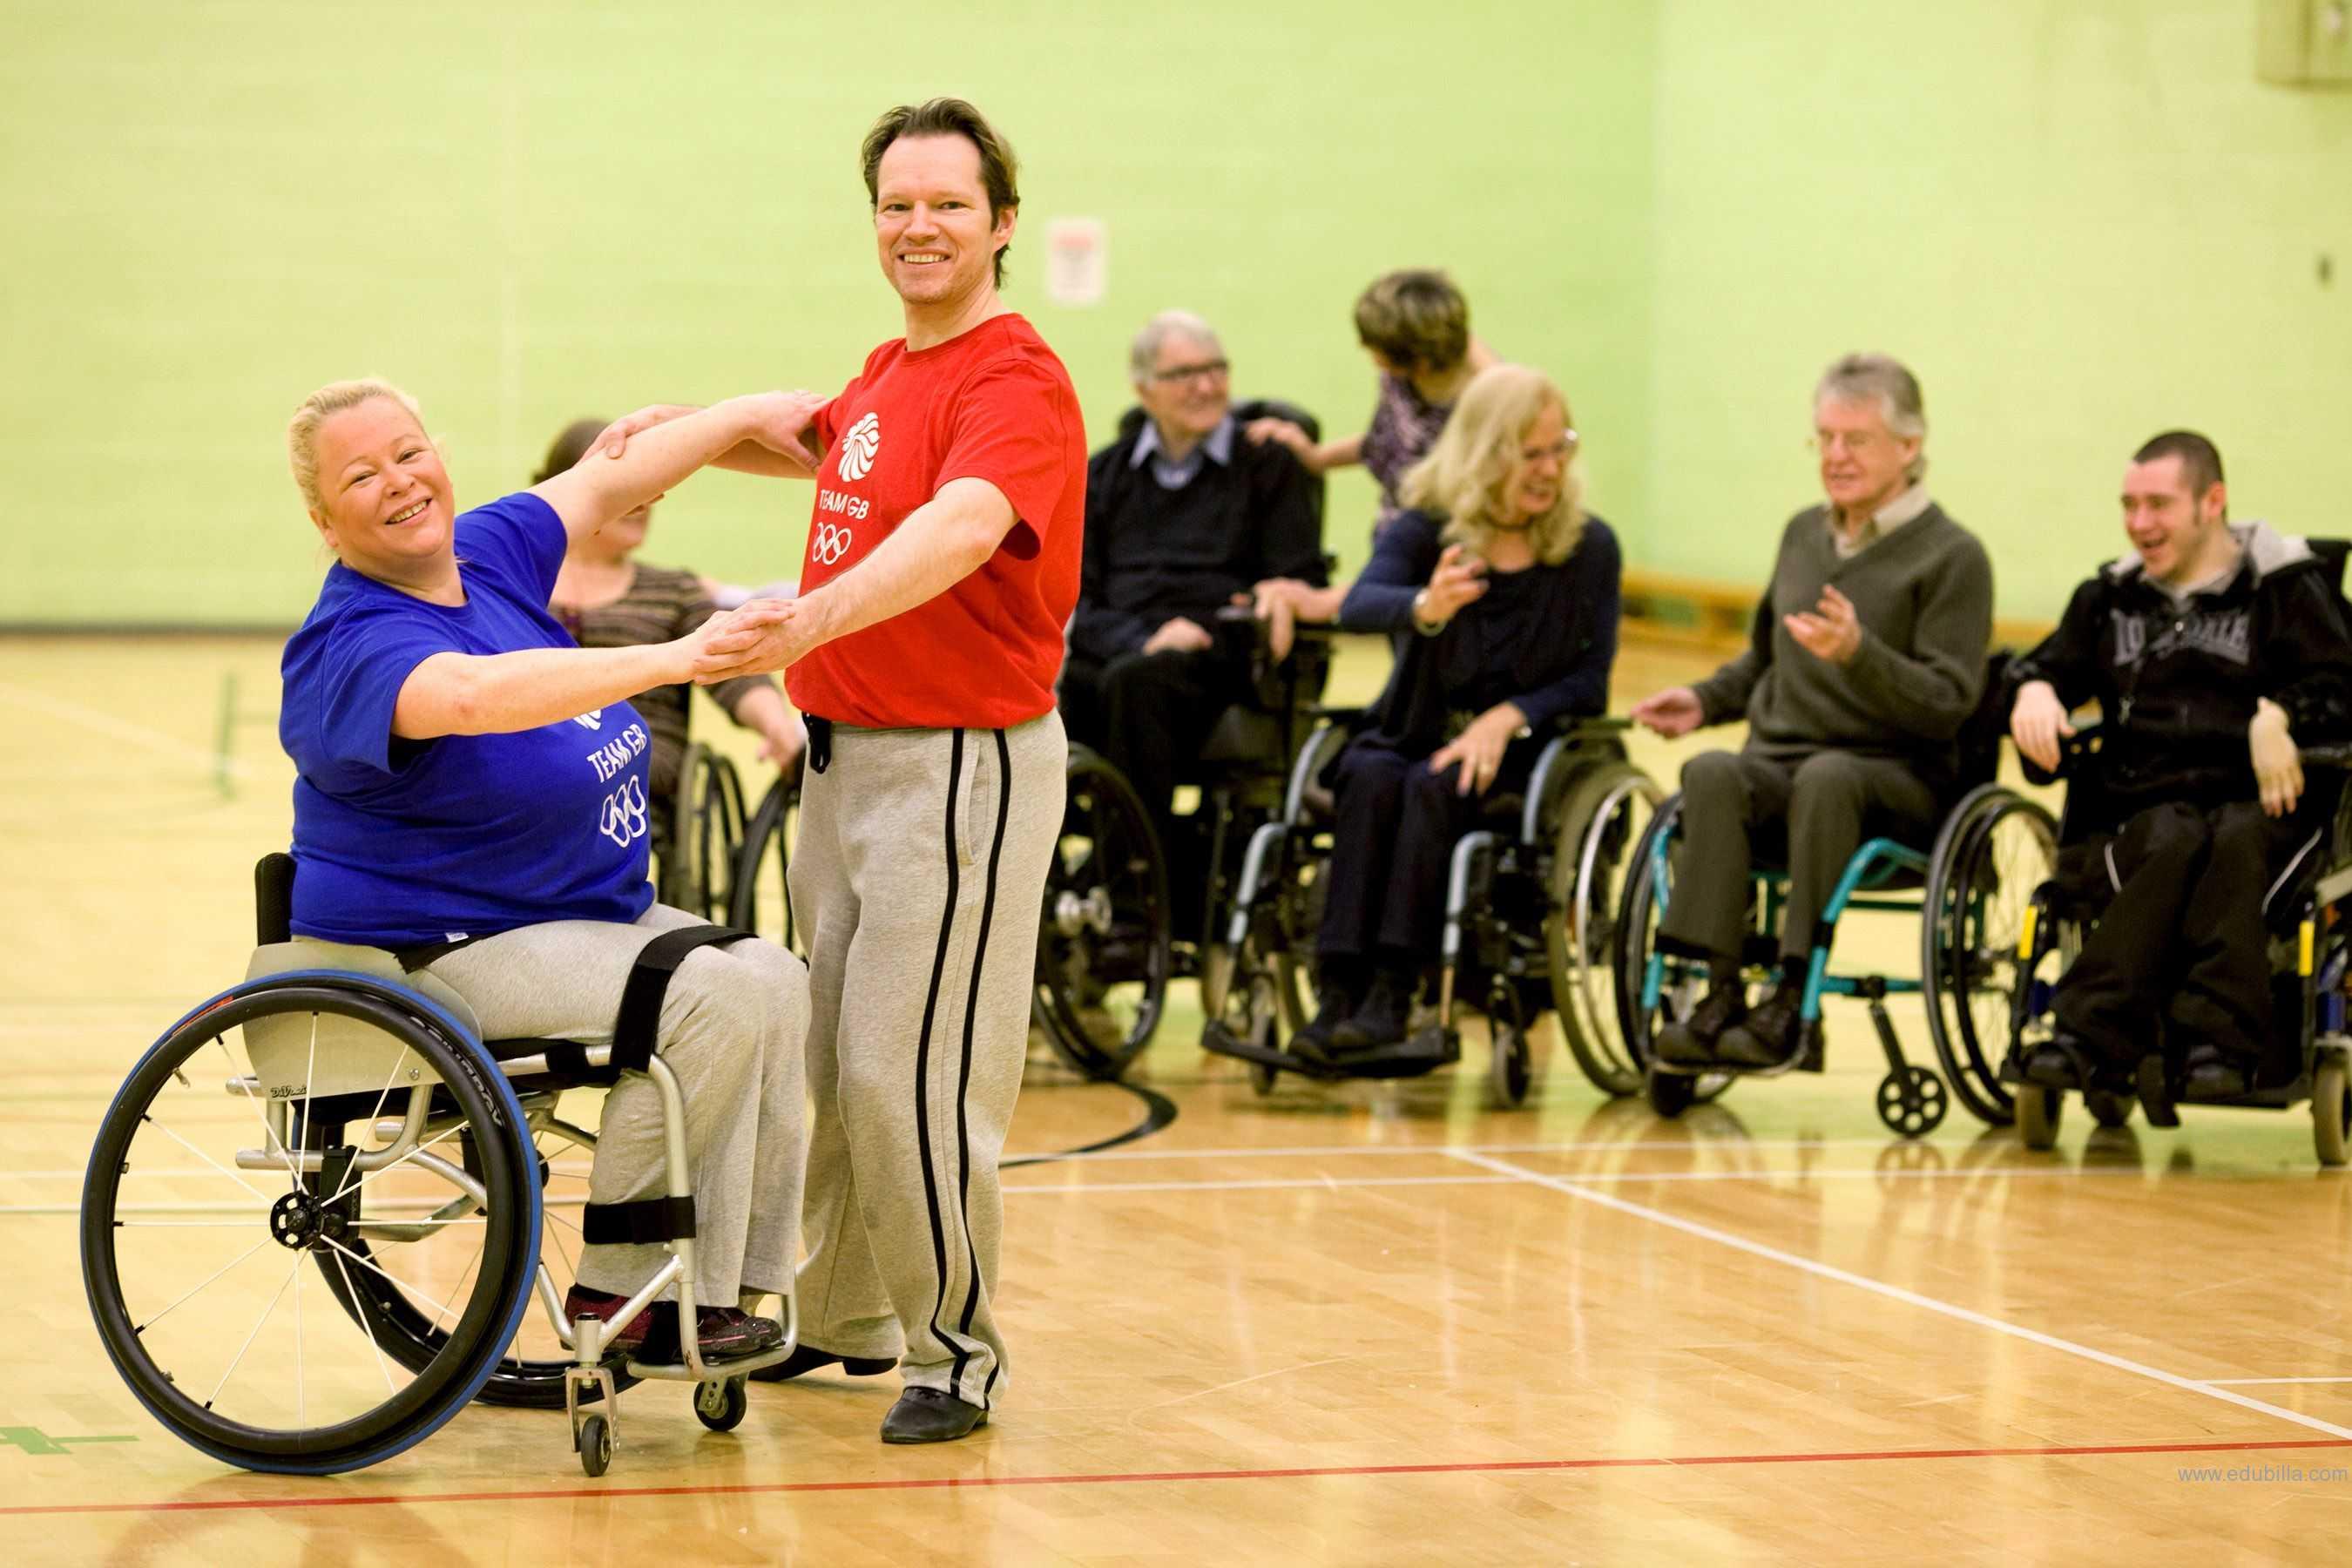 wheelchairdancesport10.jpg